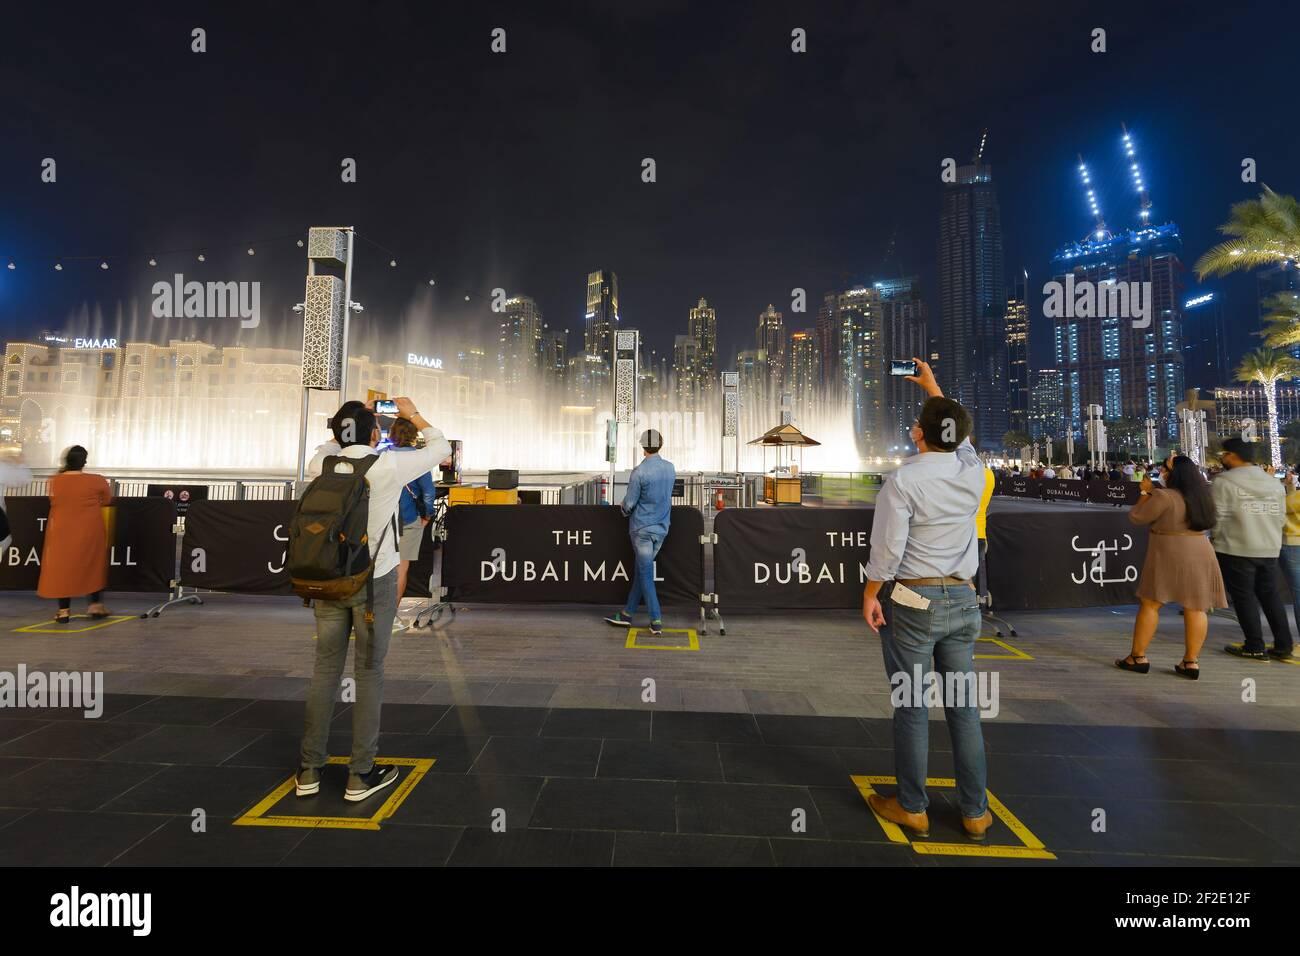 El espectáculo de la Fuente de Dubai con marcas de terreno para el distanciamiento social para los turistas que viajan durante la pandemia. Atracción turística durante COVID-19 en Dubai. Foto de stock